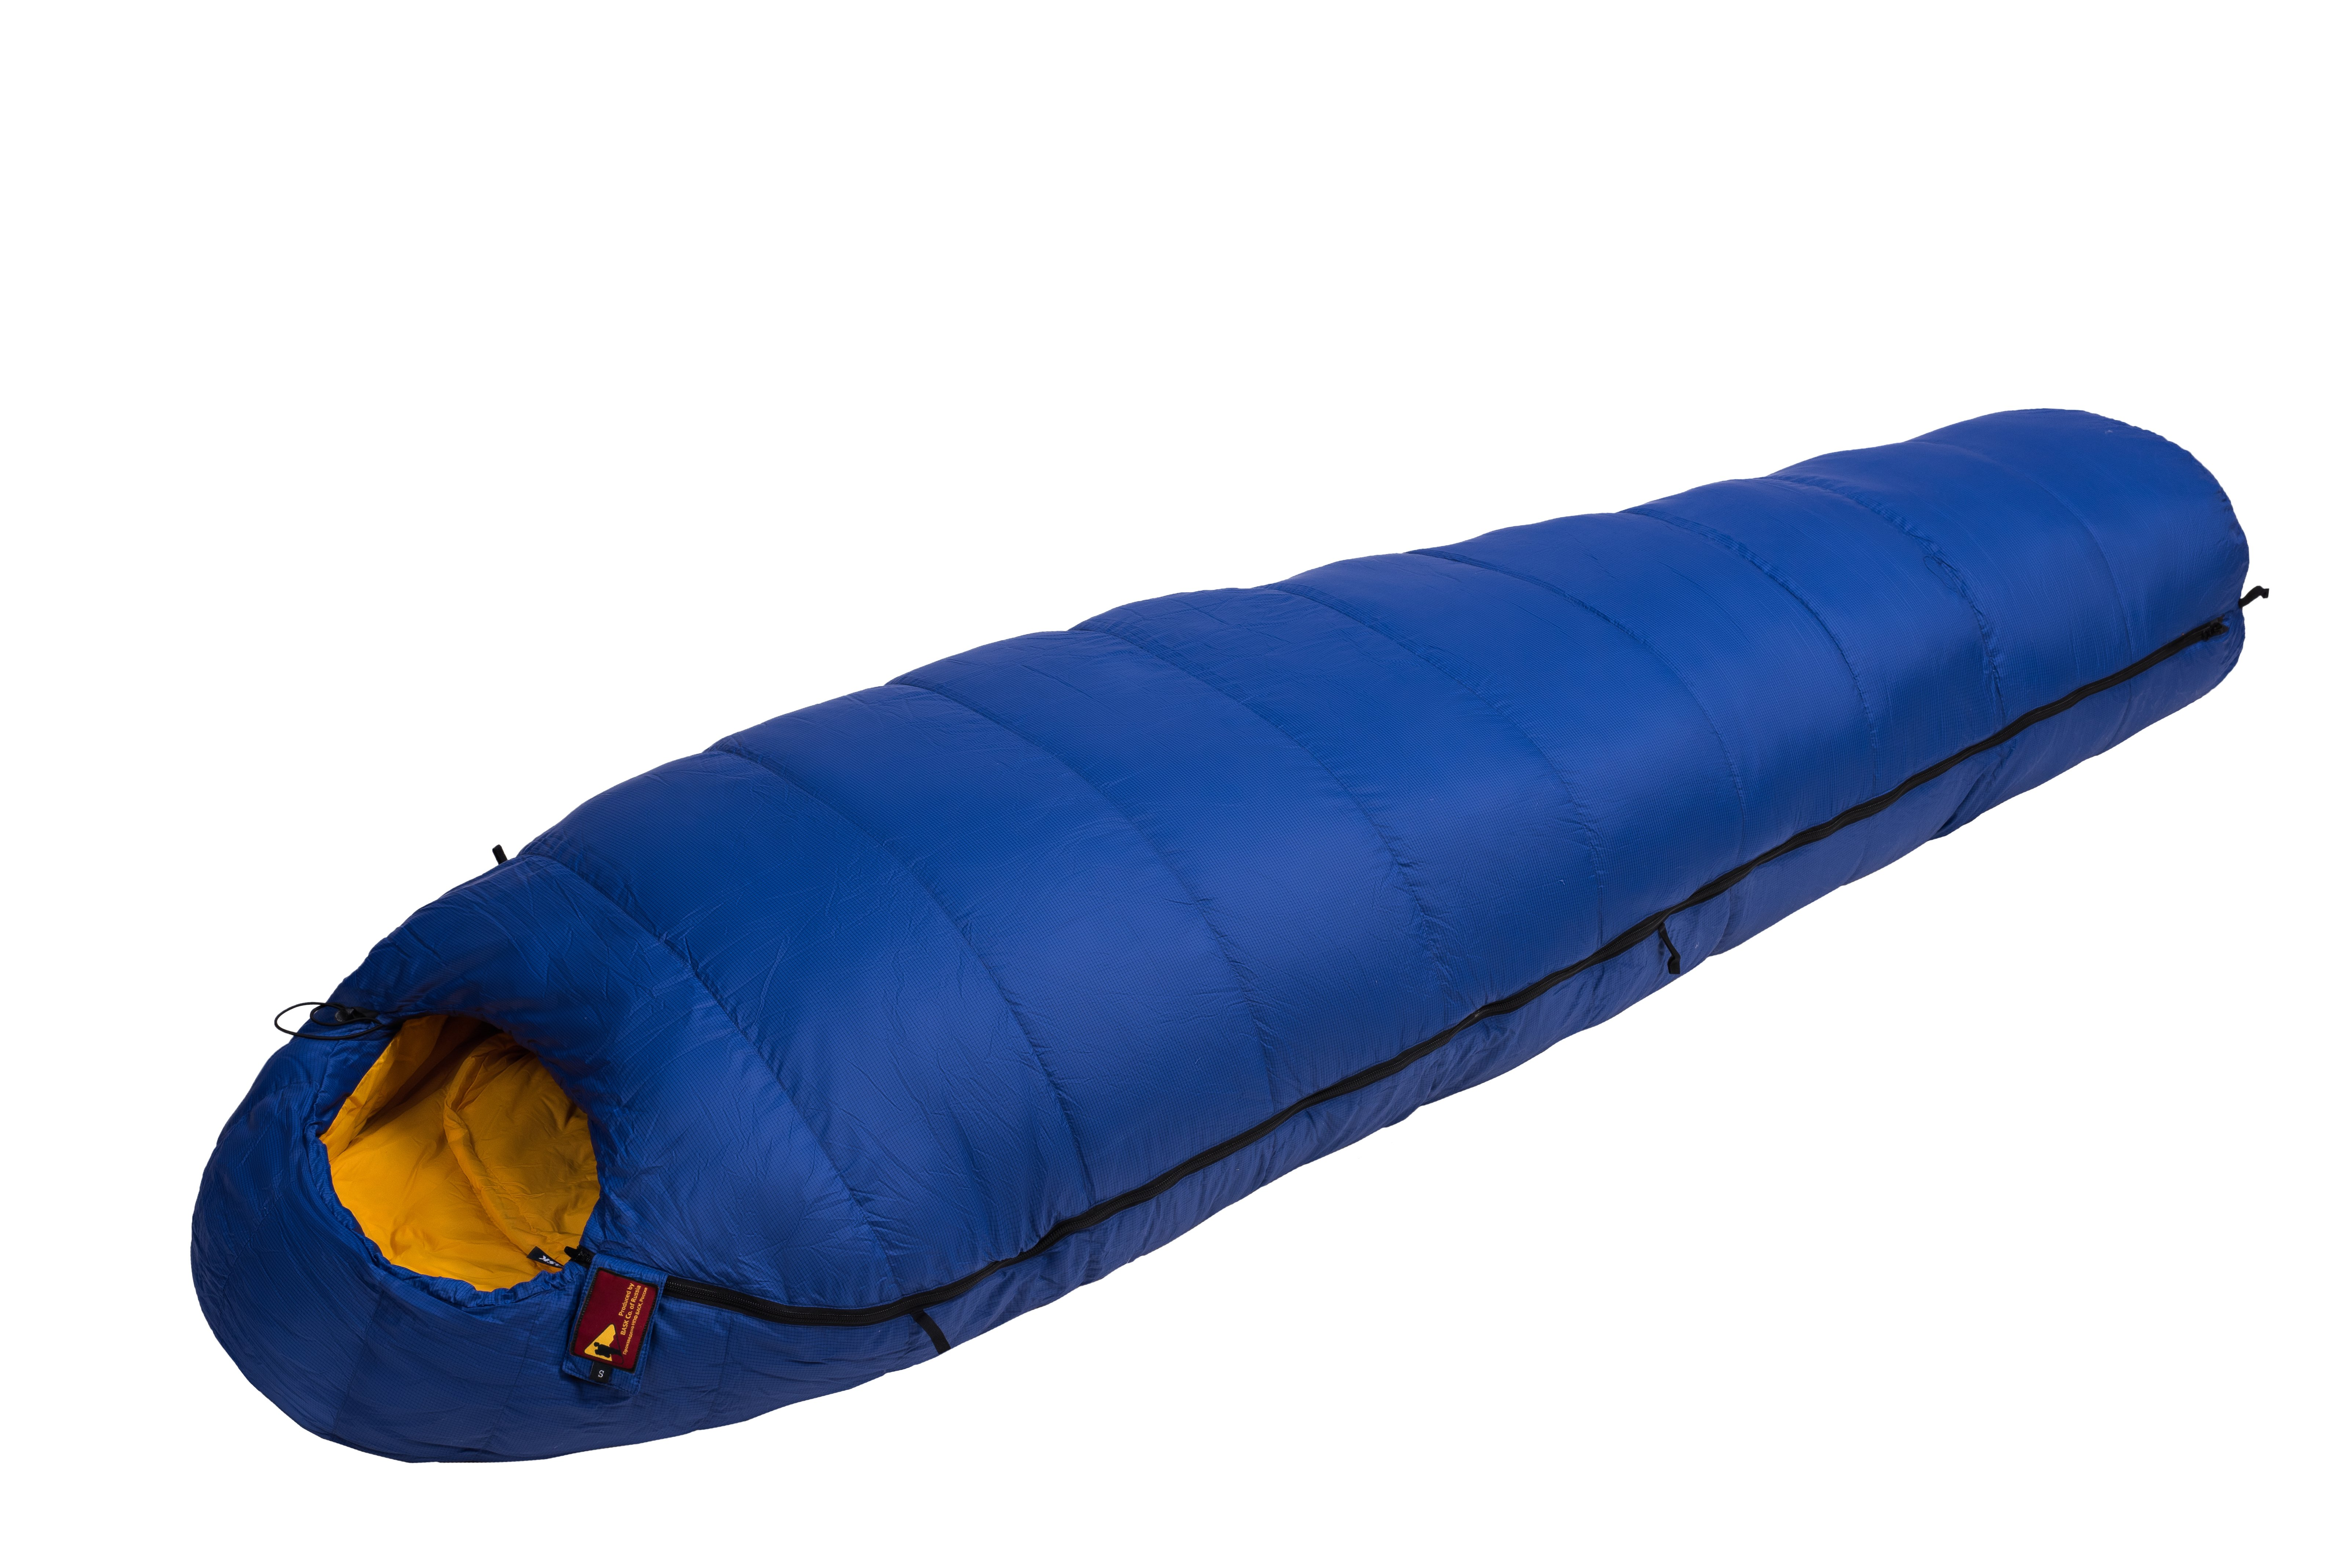 Спальный мешок BASK PAMIRS 600+FP-M 1691AСпальные мешки<br><br><br>Верхняя ткань: Advance® Classic<br>Вес без упаковки: 1400<br>Вес упаковки: 150<br>Вес утеплителя: 903<br>Внутренняя ткань: Advance® Classic<br>Назначение: Экстремальный<br>Наличие карманов: Да<br>Наполнитель: Гусиный пух<br>Нижняя температура комфорта °C: -11<br>Подголовник/Капюшон: Да<br>Показатель Fill Power (для пуховых изделий): 670<br>Пол: Унисекс<br>Размер в упакованном виде (диаметр х длина): 21x50<br>Размеры наружные (внутренние): 215х192х80х55<br>Система расположения слоев утеплителя или пуховых пакетов: Смещенные швы<br>Температура комфорта °C: -4<br>Тесьма вдоль планки: Да<br>Тип молнии: Двухзамковая-разъёмная<br>Тип утеплителя: Натуральный<br>Утеплитель: Гусиный пух<br>Утепляющая планка: Да<br>Форма: Кокон<br>Шейный пакет: Да<br>Экстремальная температура °C: -30<br>Размер INT: L<br>Цвет: СИНИЙ